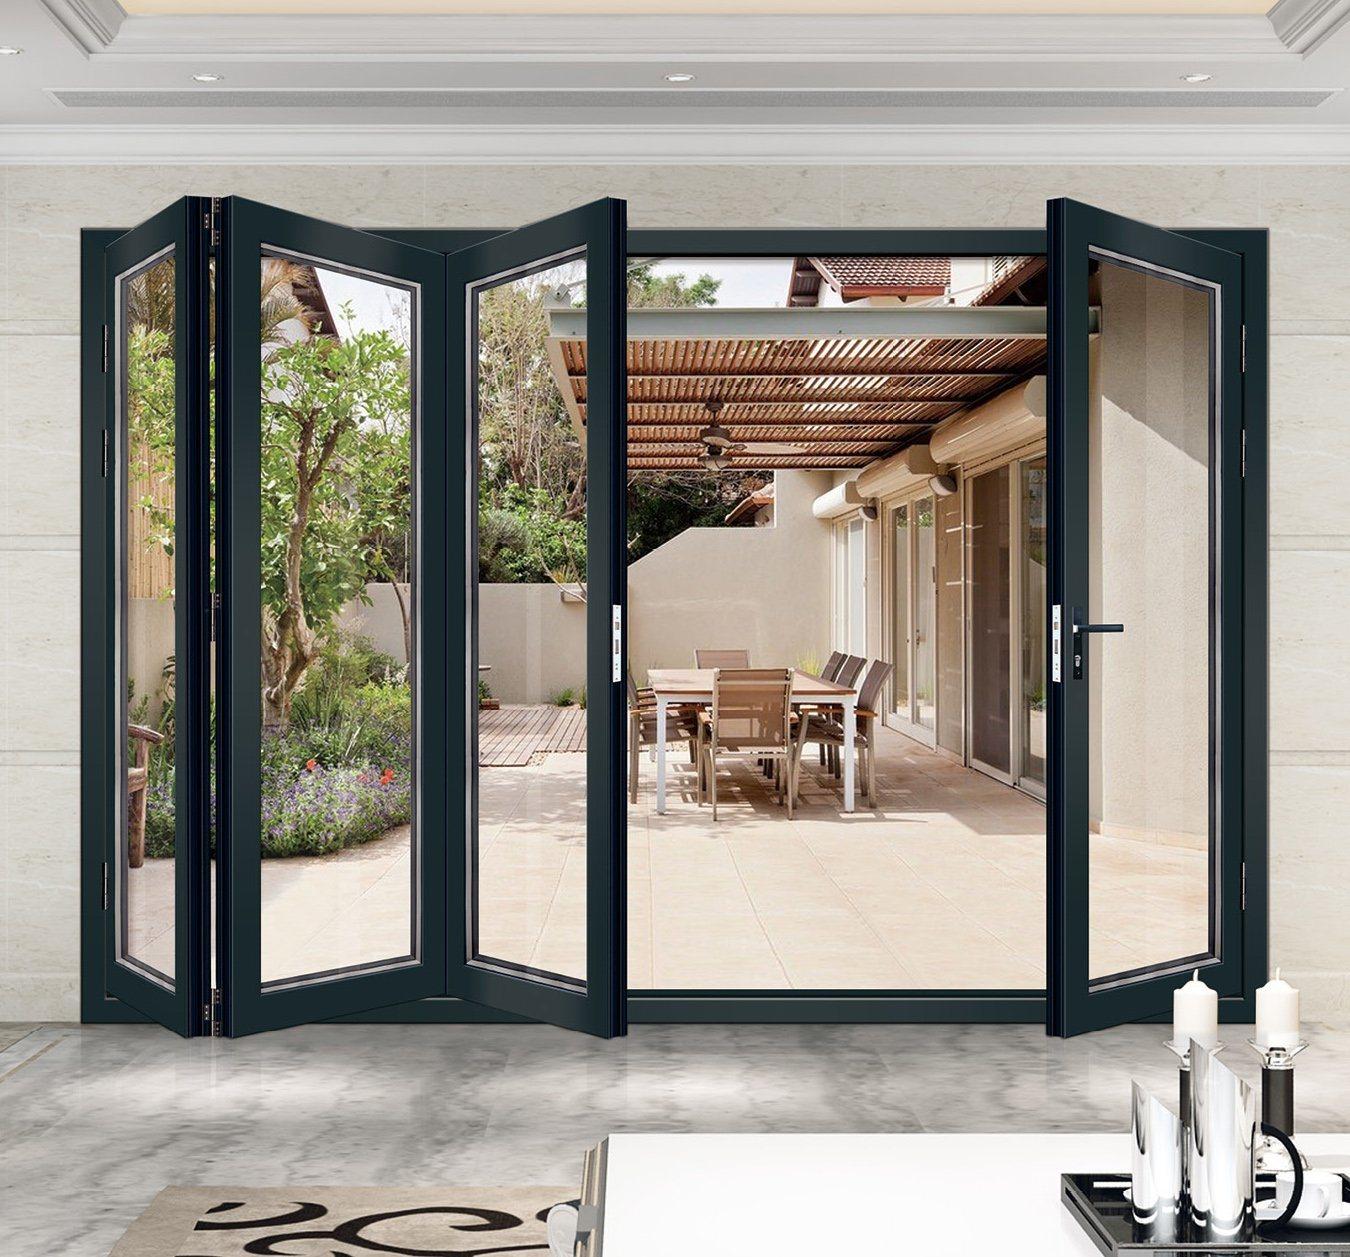 China Aluminum Frame Glass Folding Door for Patio - China Aluminum Glass Bifold Doors, Aluminum Glass Folding Door